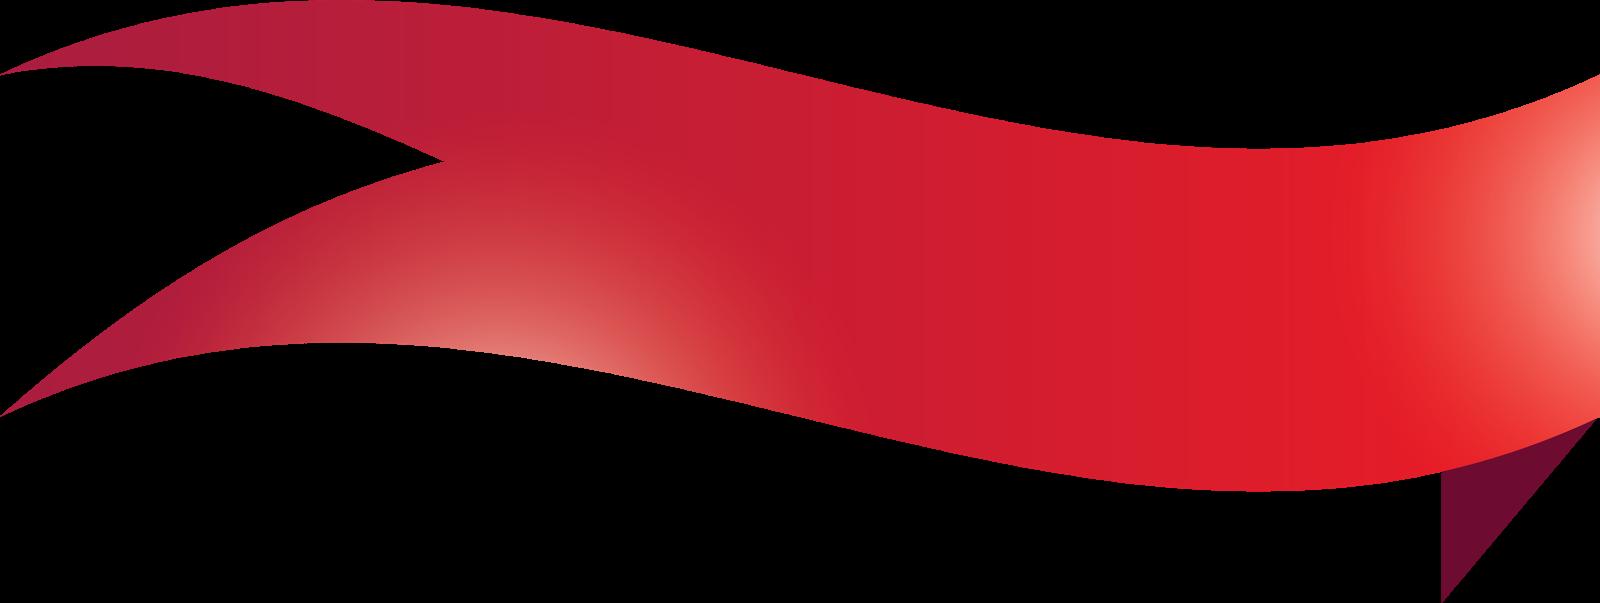 Transparent folded banner